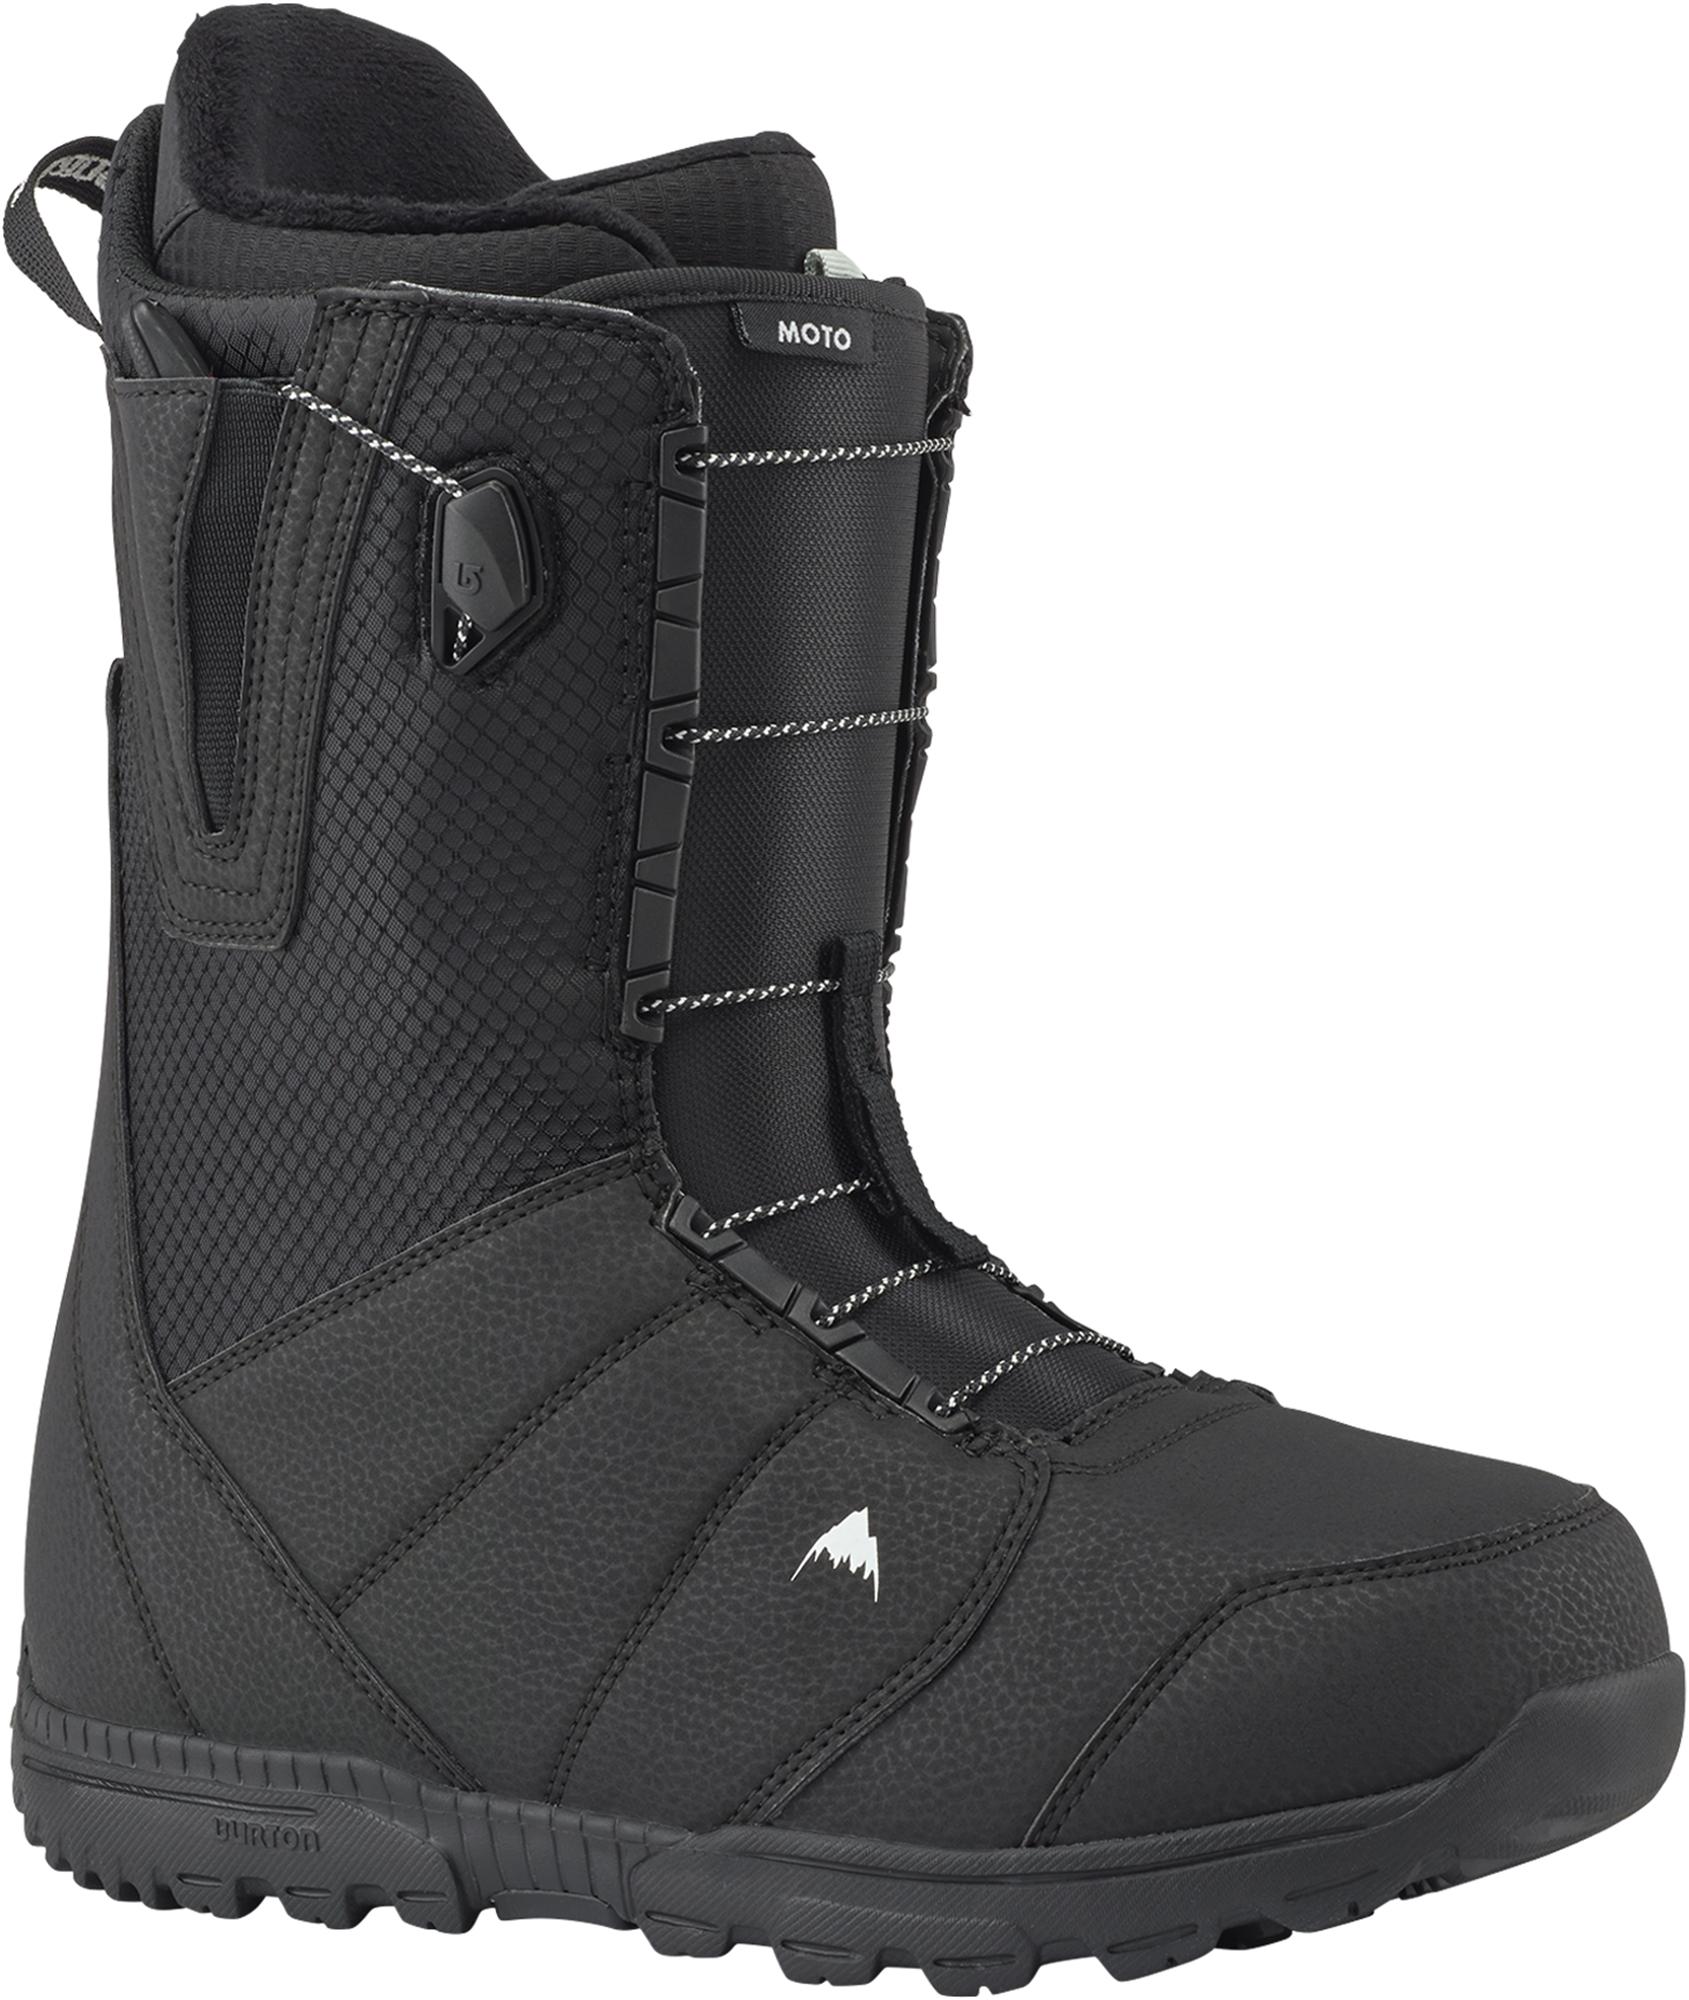 Burton Сноубордические ботинки Burton Moto, размер 42